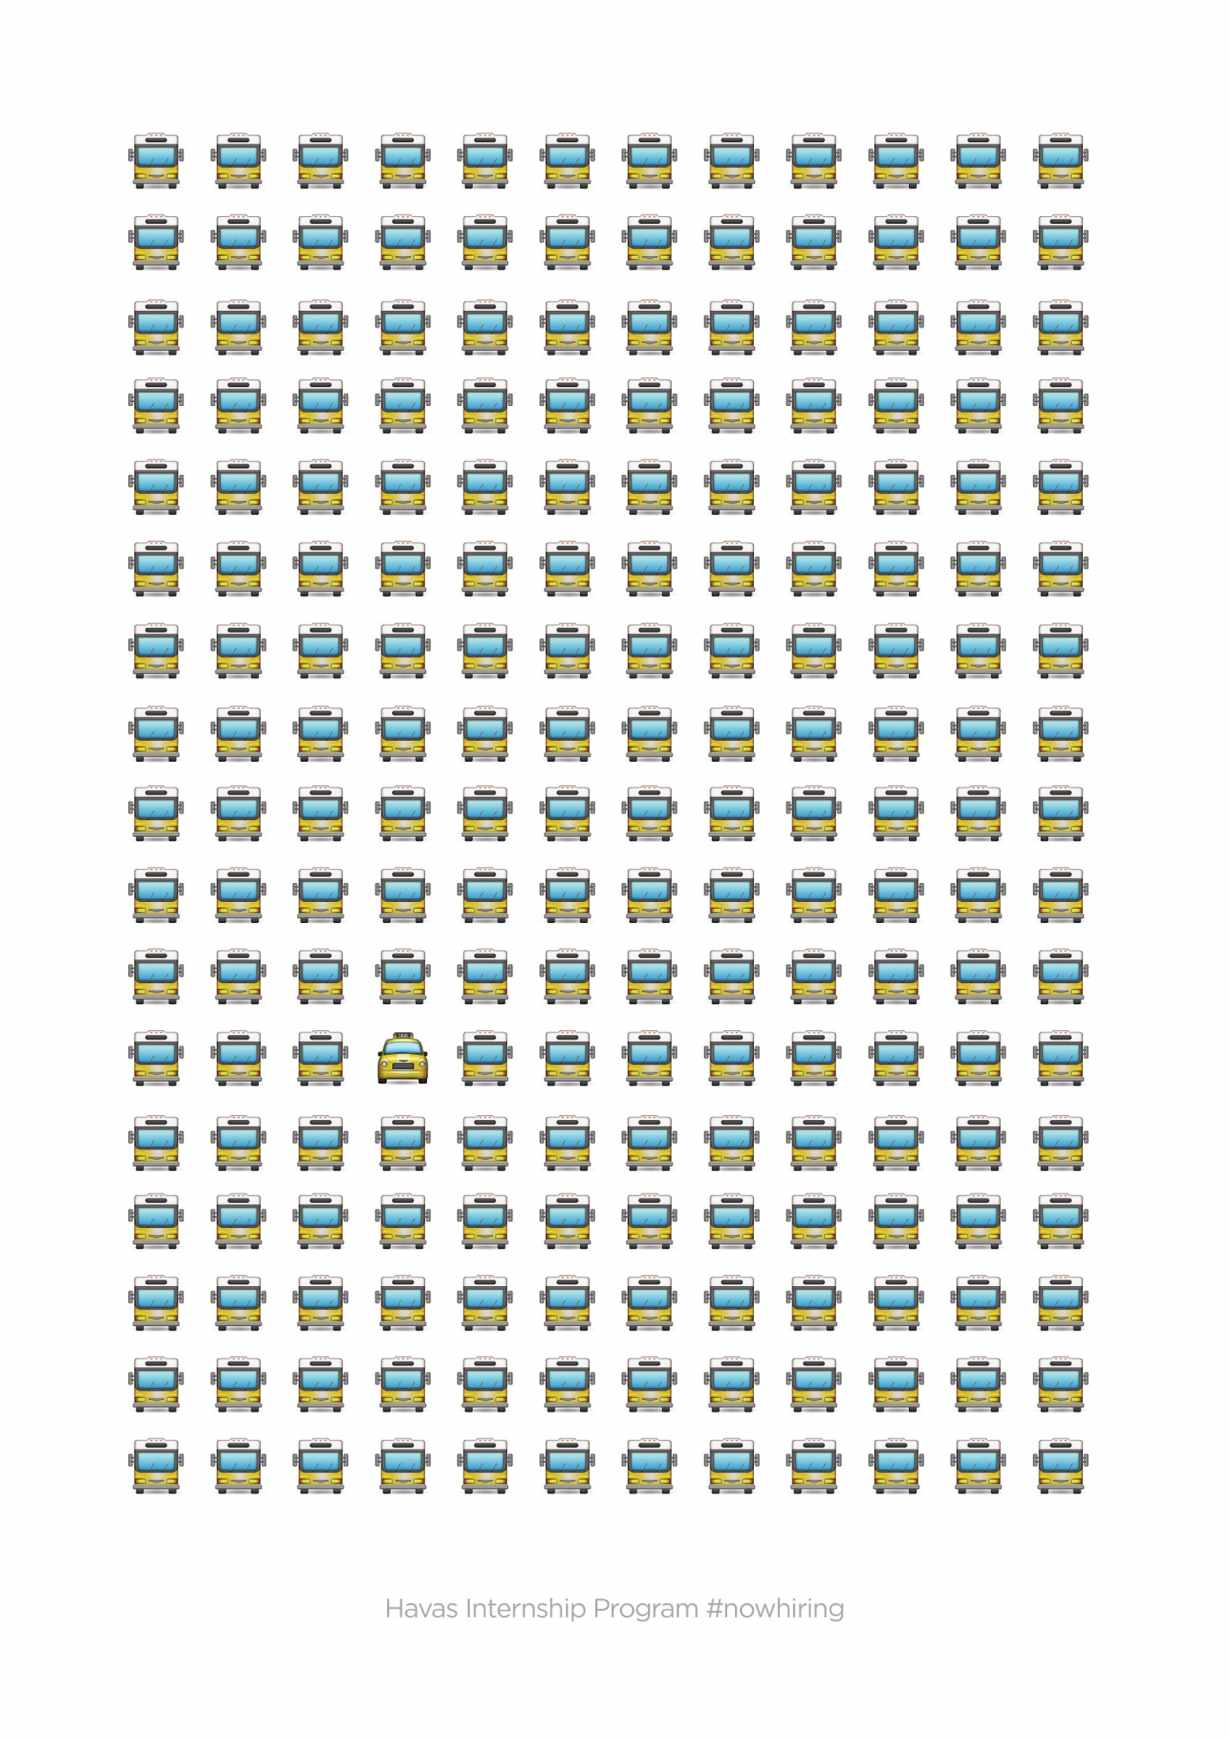 dans-ta-pub-emojis-havas-recrutement-portugal-agence-agency-life-4